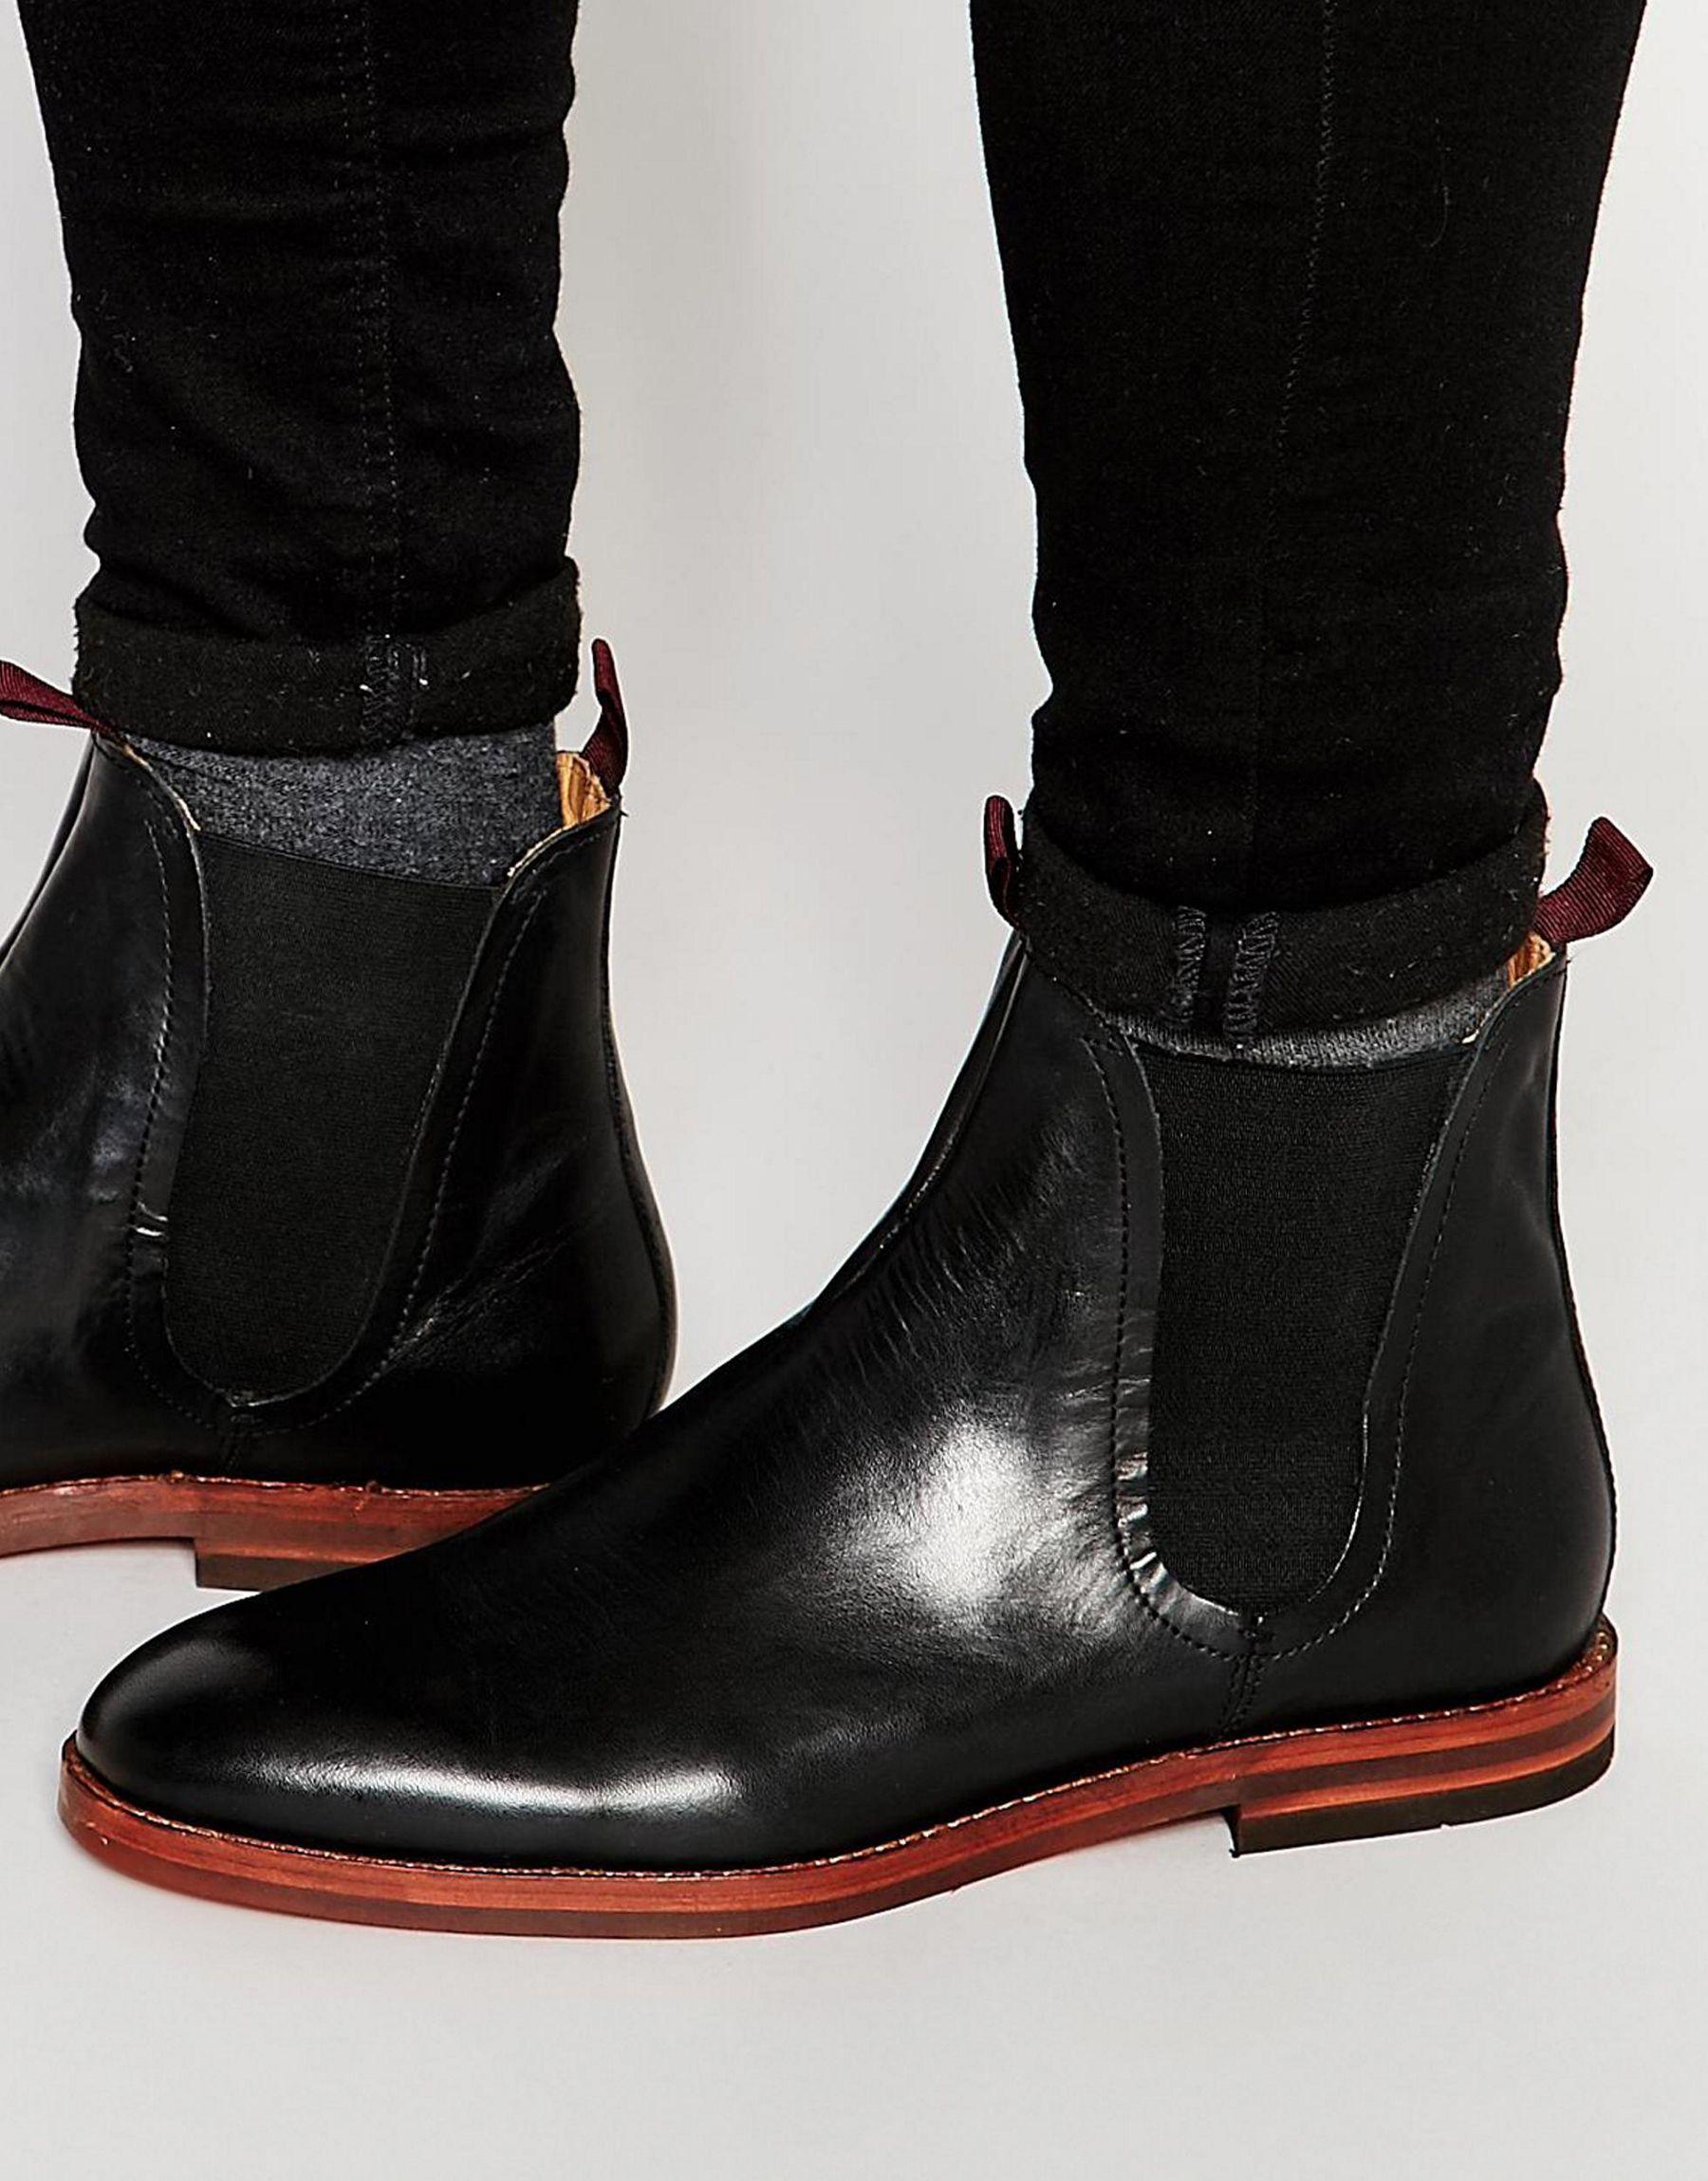 h by hudson tamper leather chelsea boots in black for men. Black Bedroom Furniture Sets. Home Design Ideas